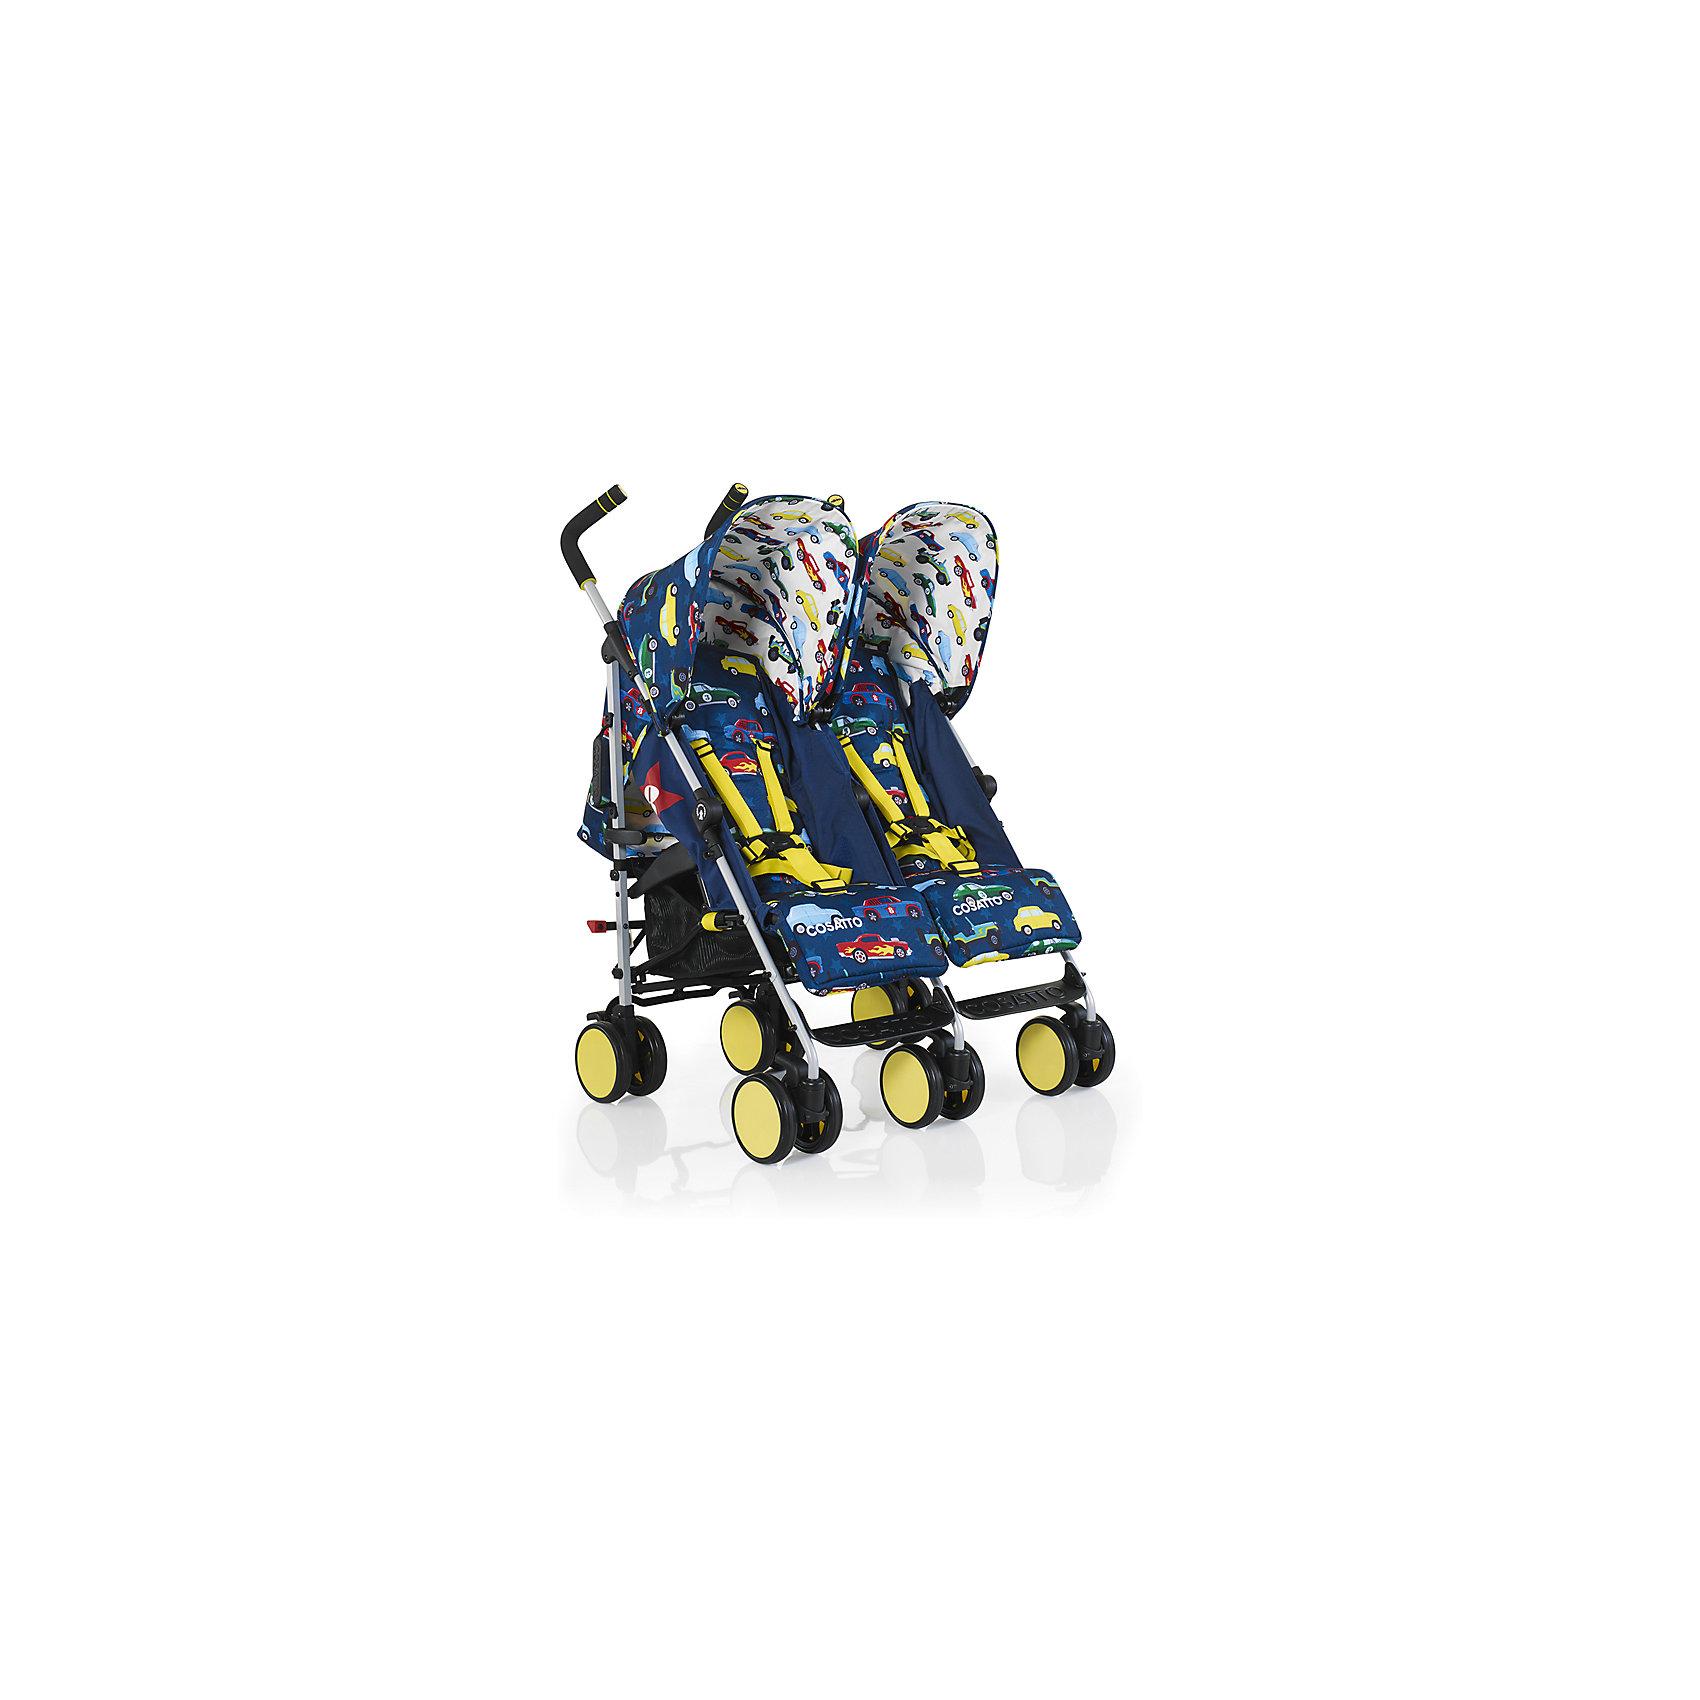 Коляска-трость для двойни Cosatto, Supa Dupa Go, Rev UpКоляски для двойни<br>Cosatto SUPA DUPA GO - это яркая коляска-трость для двойни, которая может использоваться с самого рождения. Неповторимый дизайн и компактные размеры делают коляску особенно привлекательной как для детей так и для их родителей.<br>Характеристики:<br>•Для детей с рождения до 3 лет, весом до 15 кг на каждого ребенка<br>•4 позиции наклона спинок работают независимо друг от друга, регулируются одной рукой<br>•Регулируемая подставка для ножек<br>•Регулируемая высота ручки плюс третья ручка для простоты использования<br>•Встроенный прямо в капюшон прозрачный карман для iPad или другого планшета. Ваш ребенок сможет смотреть мультфильмы прямо лежа в коляске!<br>•Полностью раскладывающийся защитный капюшон<br>•Легко складывается, автоматическая блокировка<br>•Вместительная корзина хранения<br>•Возможность стоять в сложенном состоянии без дополнительной опоры<br>•Полностью съемное сиденье для легкой чистки<br>•Блокировка передних поворотных колес<br>•Легкое алюминиевое шасси с рукояткой для переноски<br>•В комплекте:  дождевик<br>Размеры:<br>В разложенном виде (Д х Ш х В), см: 103 х 72 х 70<br>В сложенном виде (Д х Ш х В), см: 103 х 50 х 38<br>Каждое сиденье (Ш х Г), см: 28 х 19<br>Глубина каждого сиденья с поднятой подножкой: 33 см<br>Длина спинки: 48 см<br>Длина спального места: 82 см<br>Высота ручки, см: 103-106<br>Внешнее расстояние между задними колесами: 72,5 см<br>Диаметр колес: 14 см<br>Вес: 13,8 кг<br><br>Ширина мм: 107<br>Глубина мм: 300<br>Высота мм: 450<br>Вес г: 16000<br>Возраст от месяцев: 6<br>Возраст до месяцев: 36<br>Пол: Унисекс<br>Возраст: Детский<br>SKU: 5543588